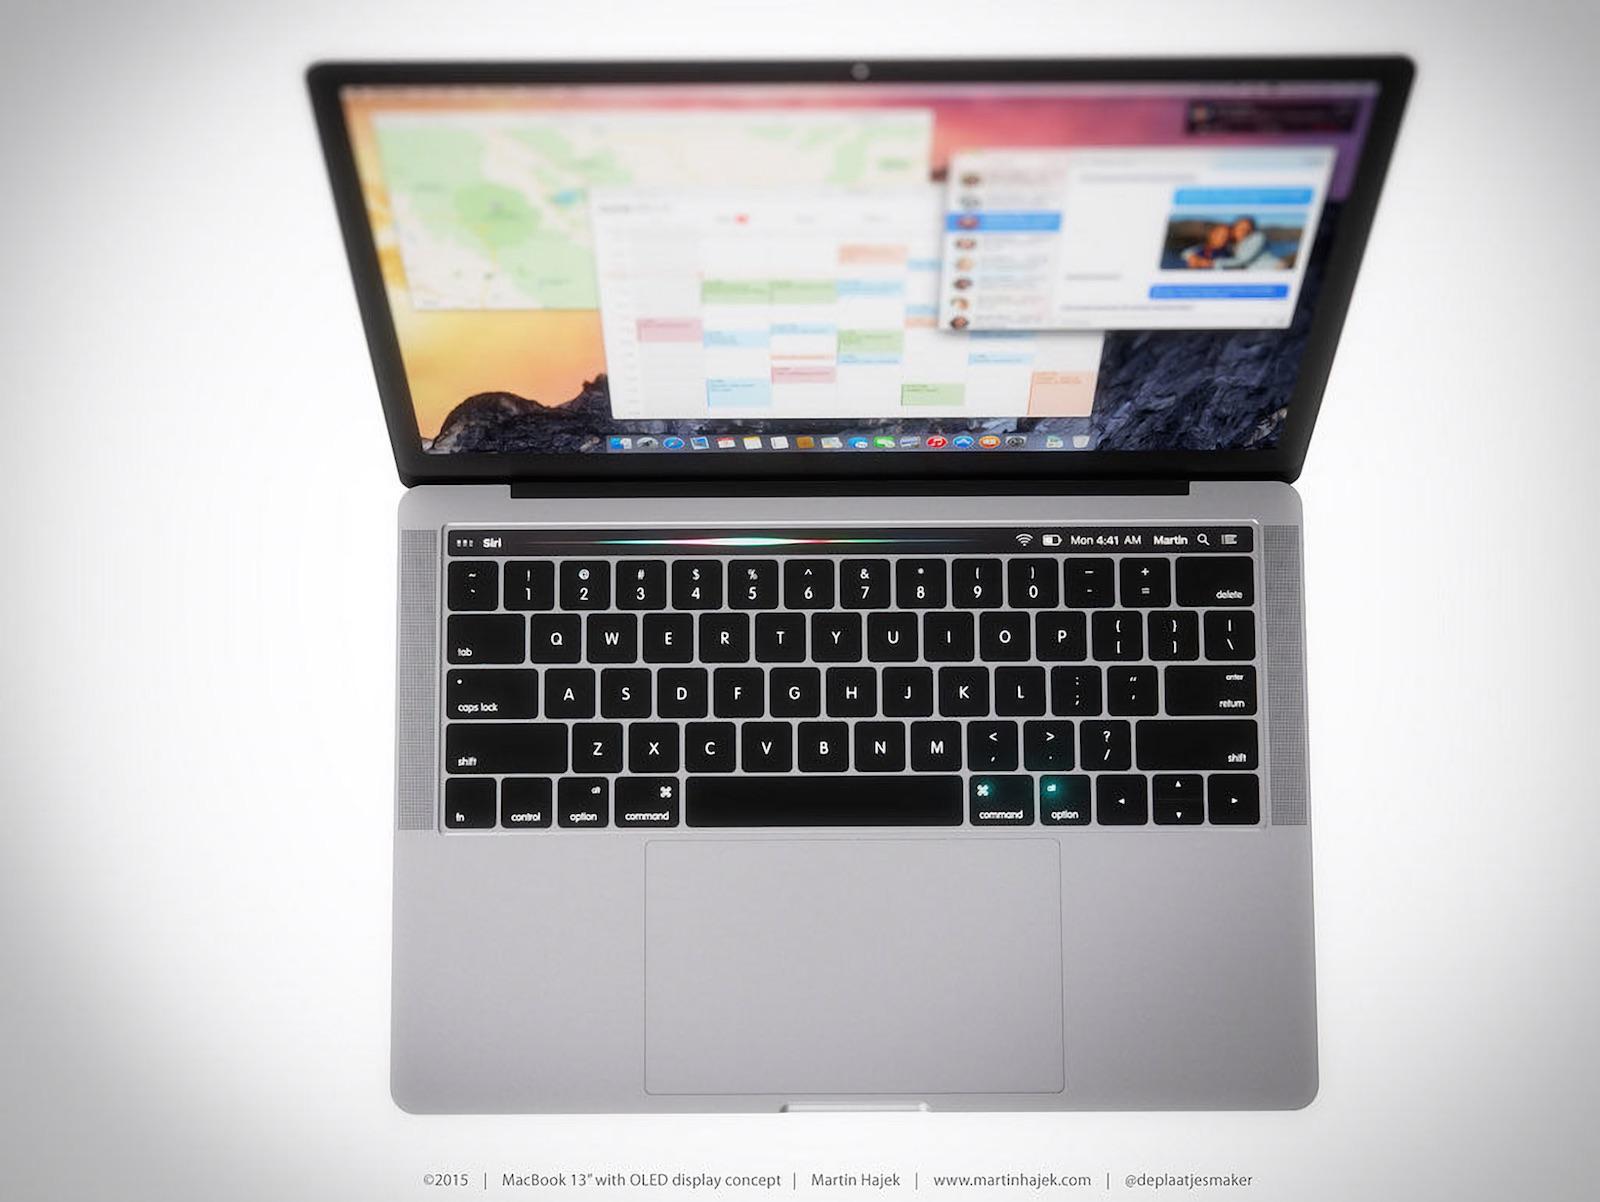 2016年 新型MacBook Pro 予想